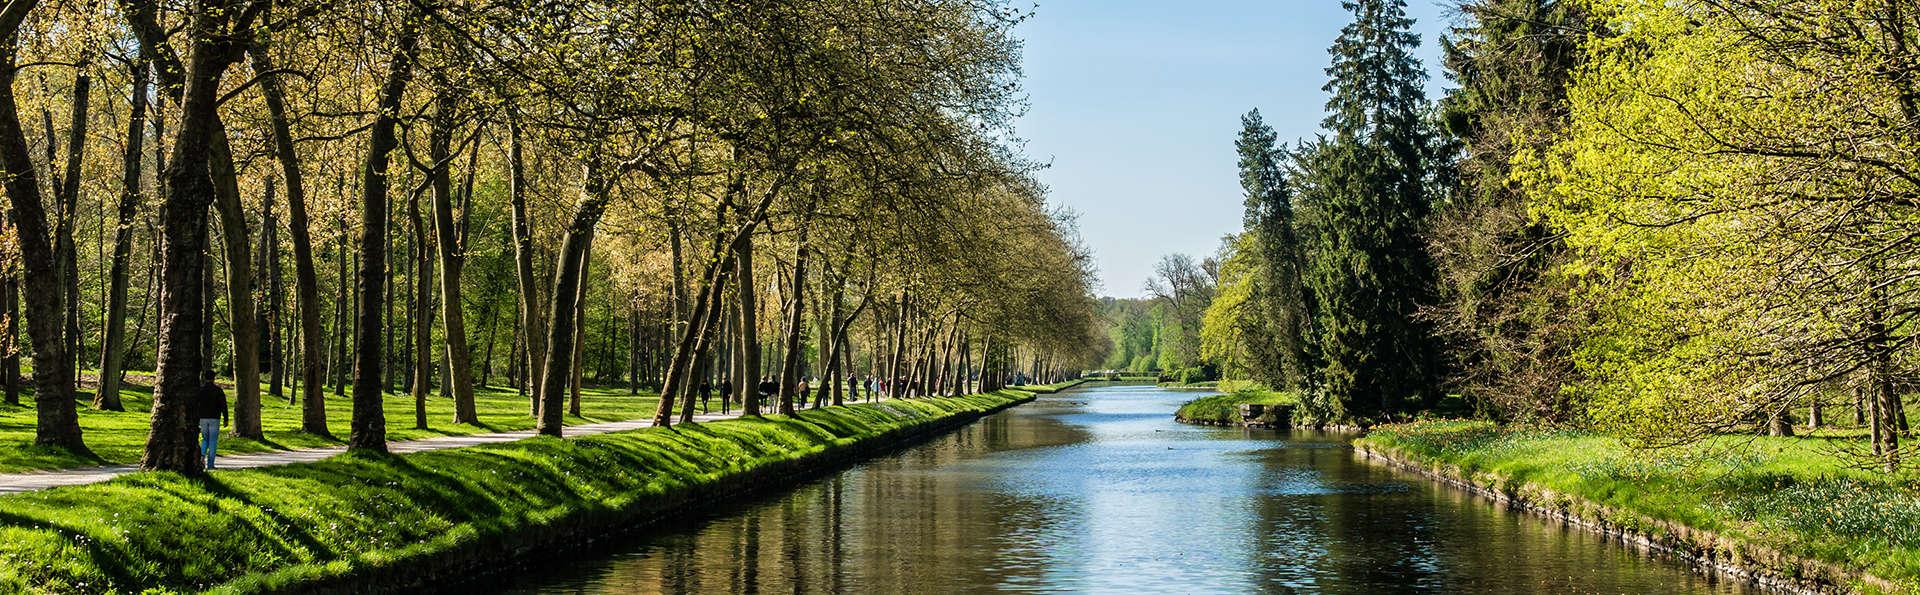 Évadez-vous au cœur de la nature en région parisienne (à partir de 2 nuits)